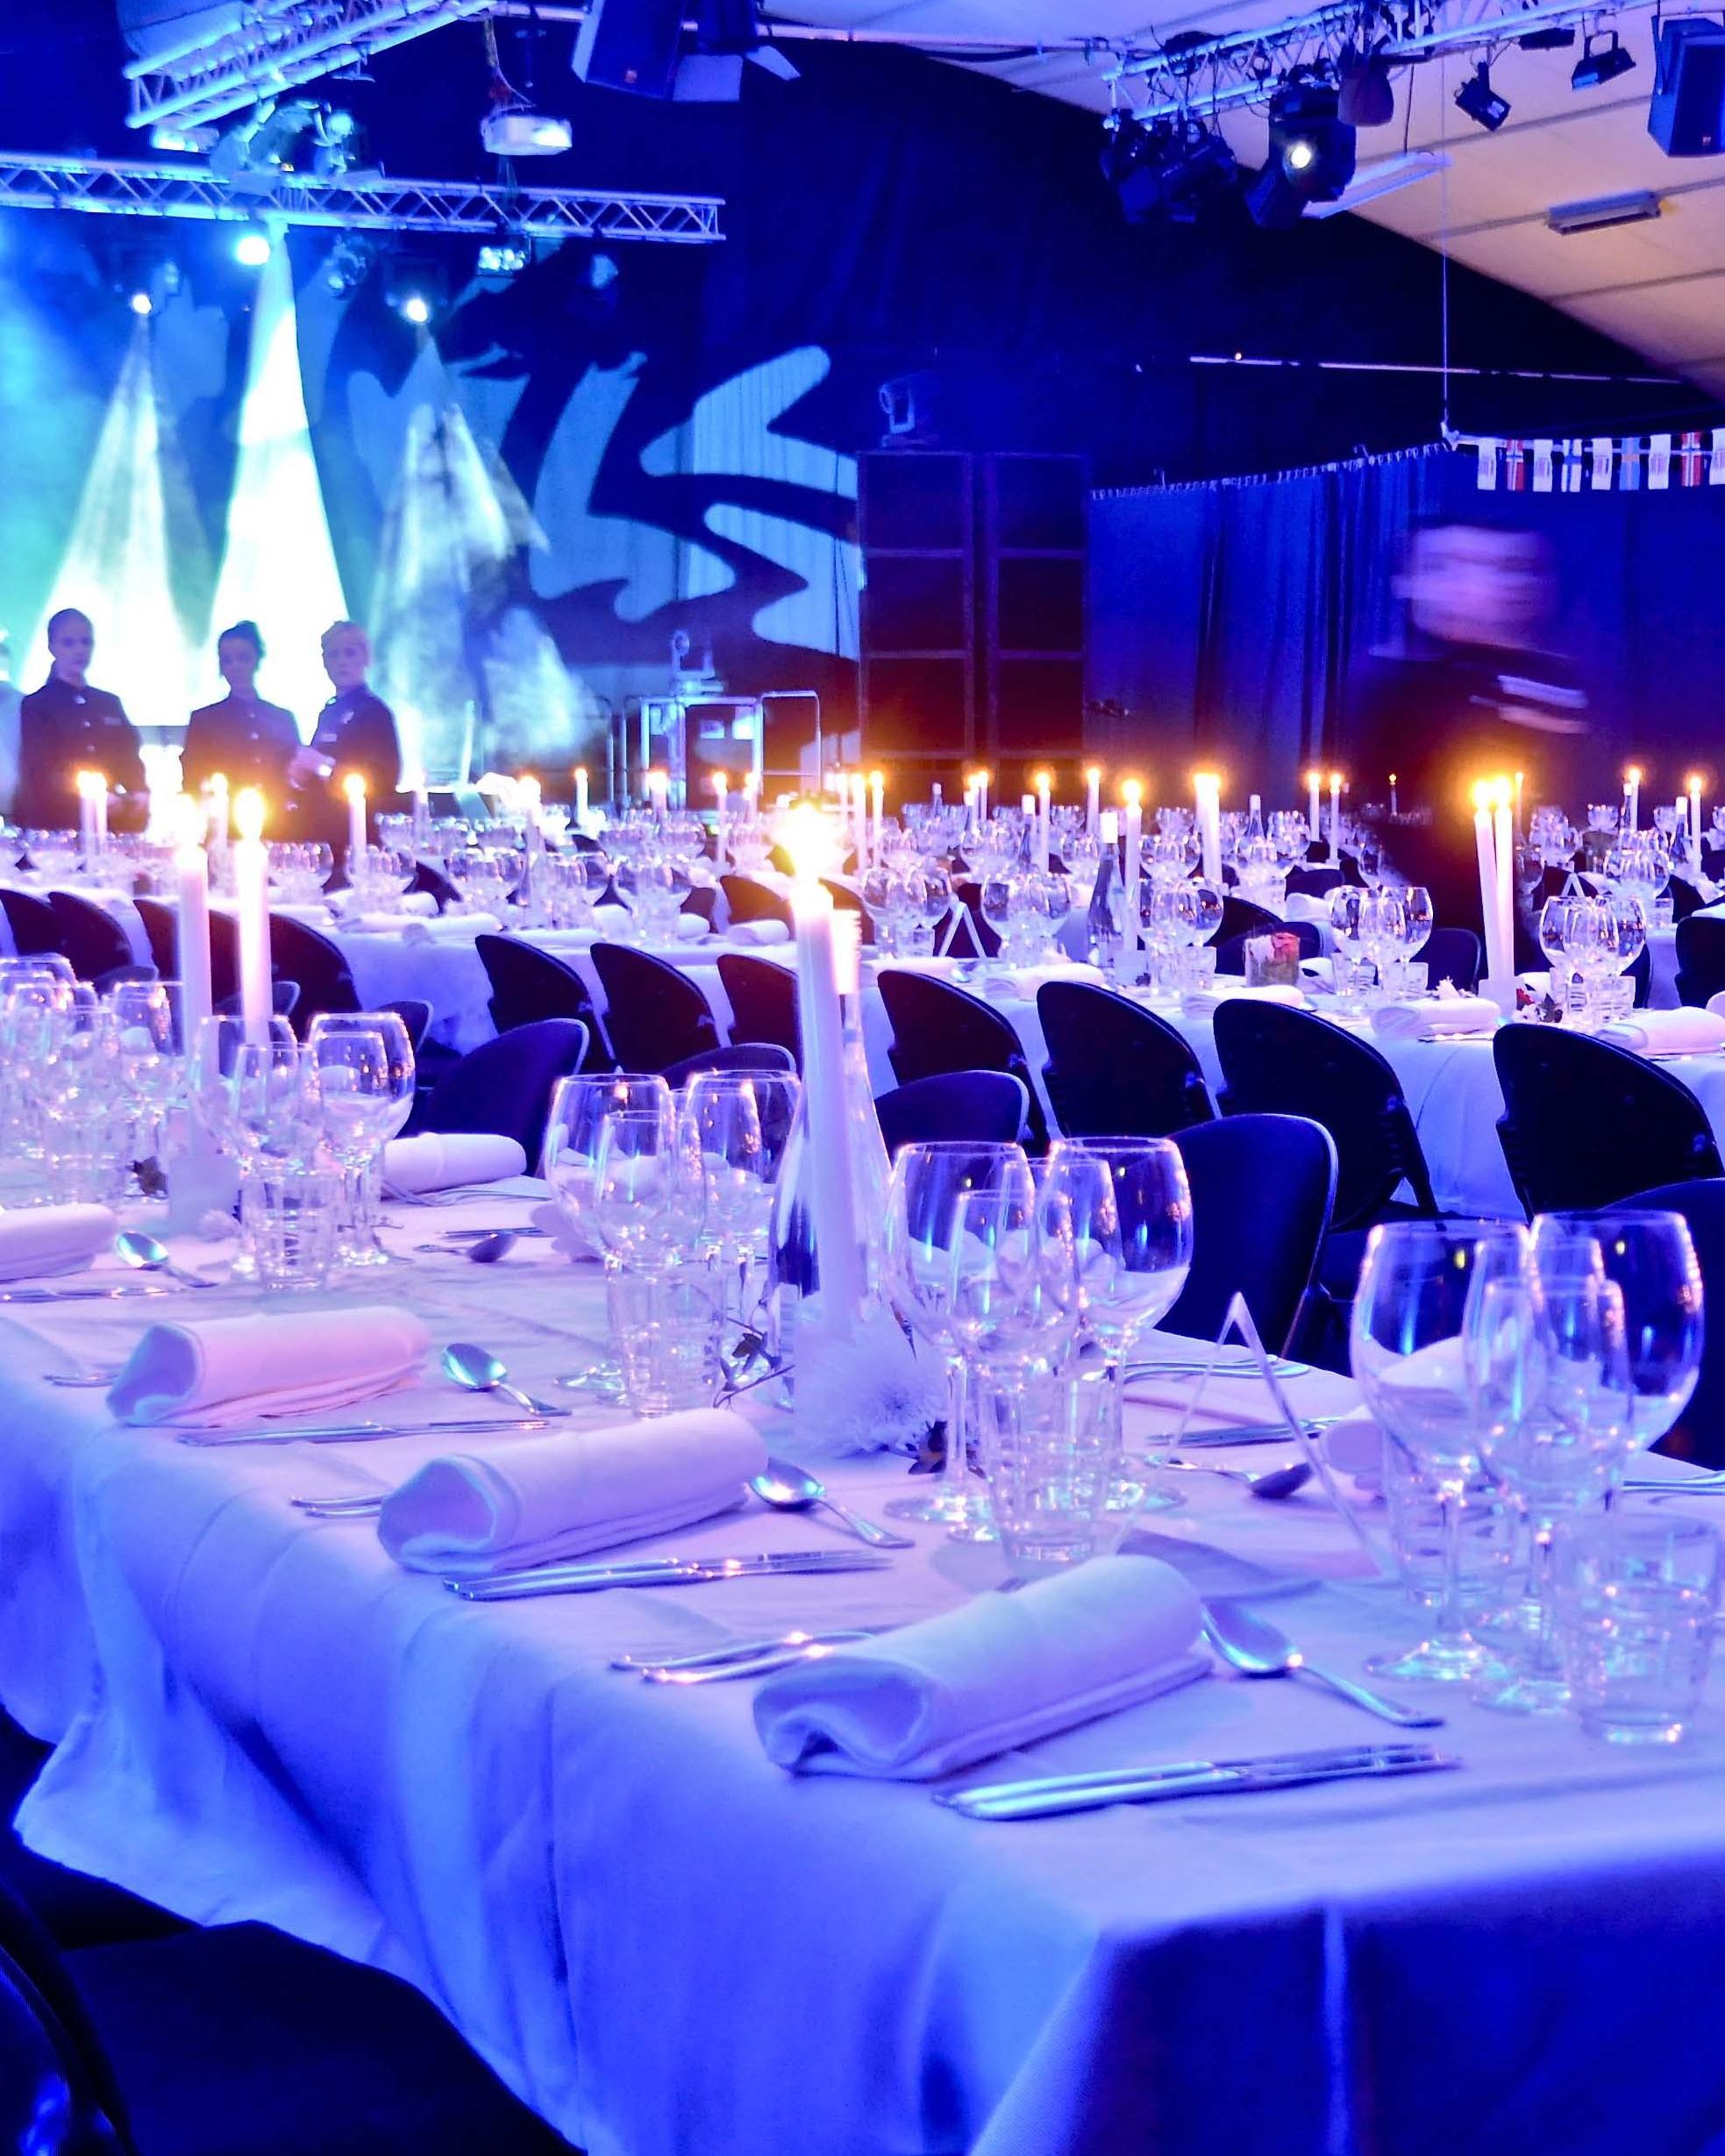 Fakta - oförglömlig konferens på Högis - Skräddarsydda lösningar för konferenser, event- och kongresserI våra 13 restauranger och barer på hotellet kan ni avnjuta allt från steakhouse till sushi.Vinterträdgården, möjligheternas lokal: 660 kvadratmeters golvyta med fönster ut mot fjället, för utställning, lansering, show etc. Möjlighet att bygga läktare, catwalk eller mässytaSkidbackar och längdspår direkt utanför dörren. Skistarshop och skiduthyrning i hotellet.Ni kan välja mellan ett stort aktivitetsutbud året om; skotersafari, hundspann, Snowkite m.m.Nyhet 2019! Ta flyget till Sälen, invigning av Scandinavian Mountain Airport